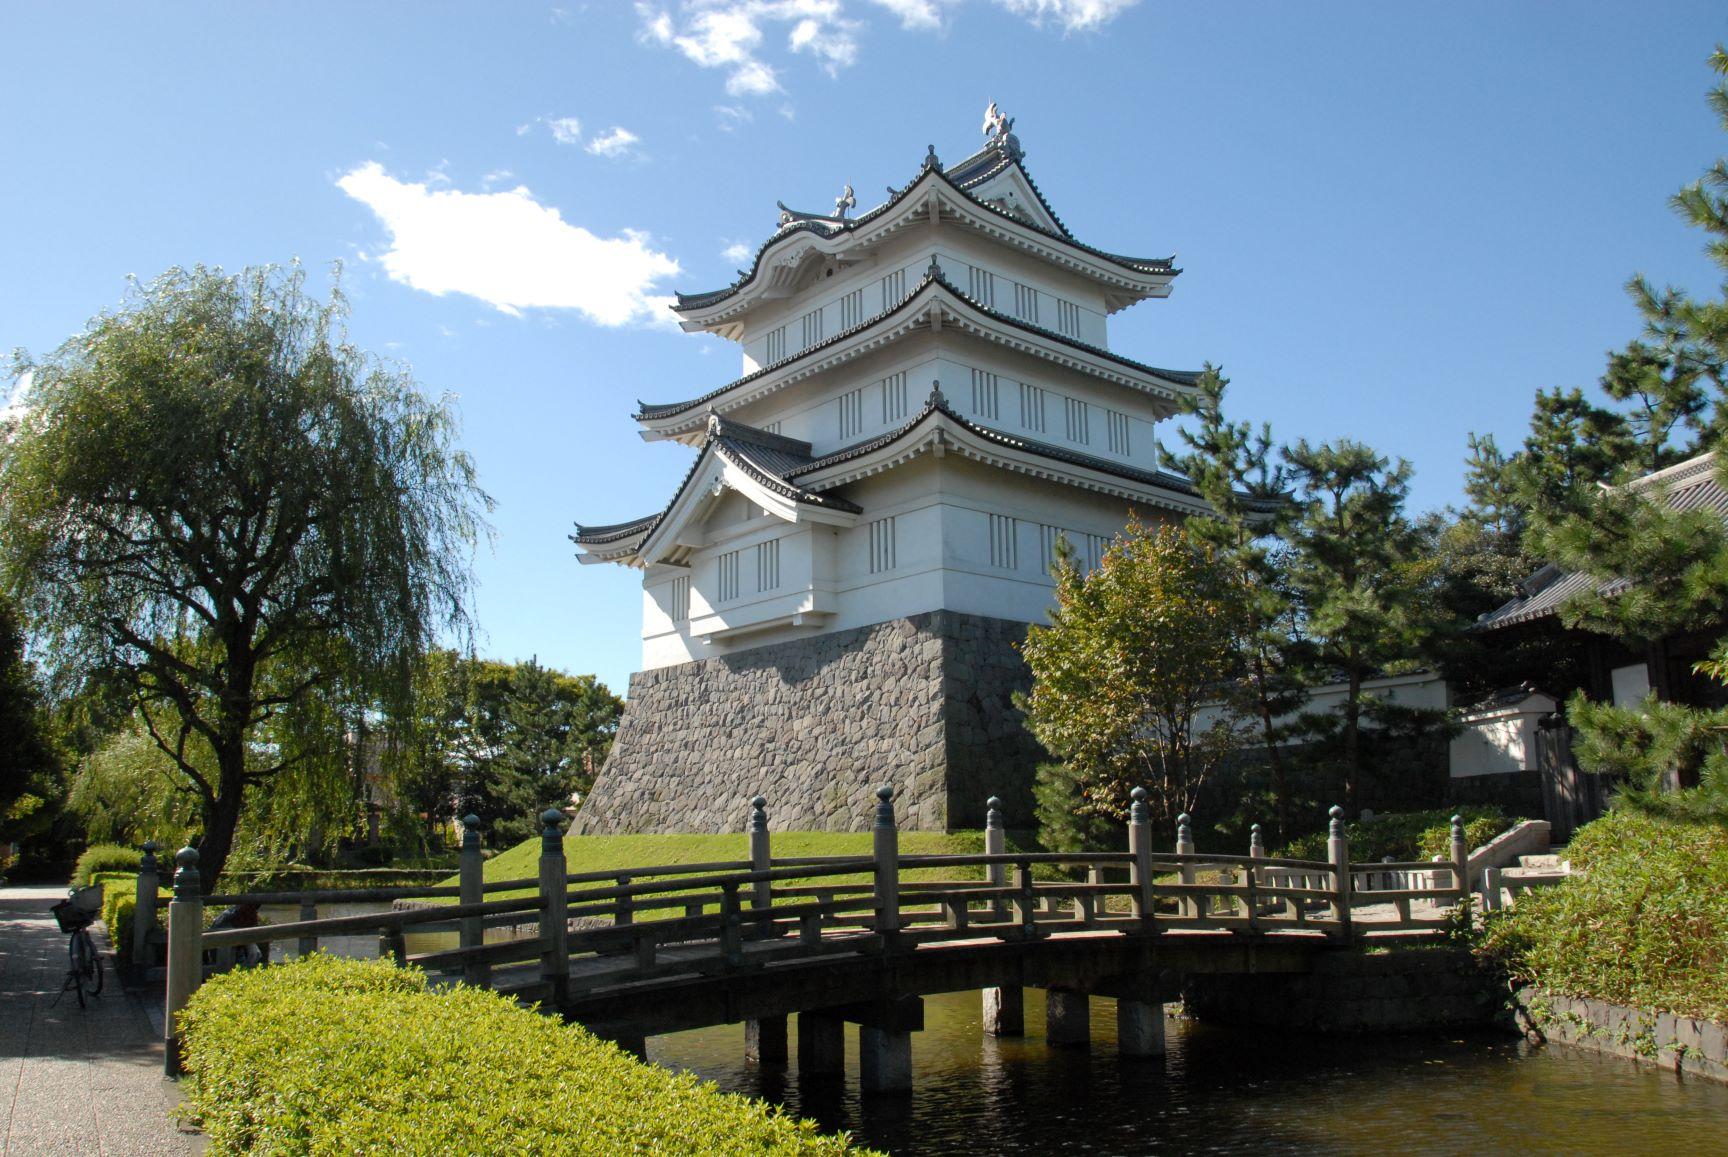 忍城は秀吉軍の攻撃の前に陥落しなかった難攻不落の名城です